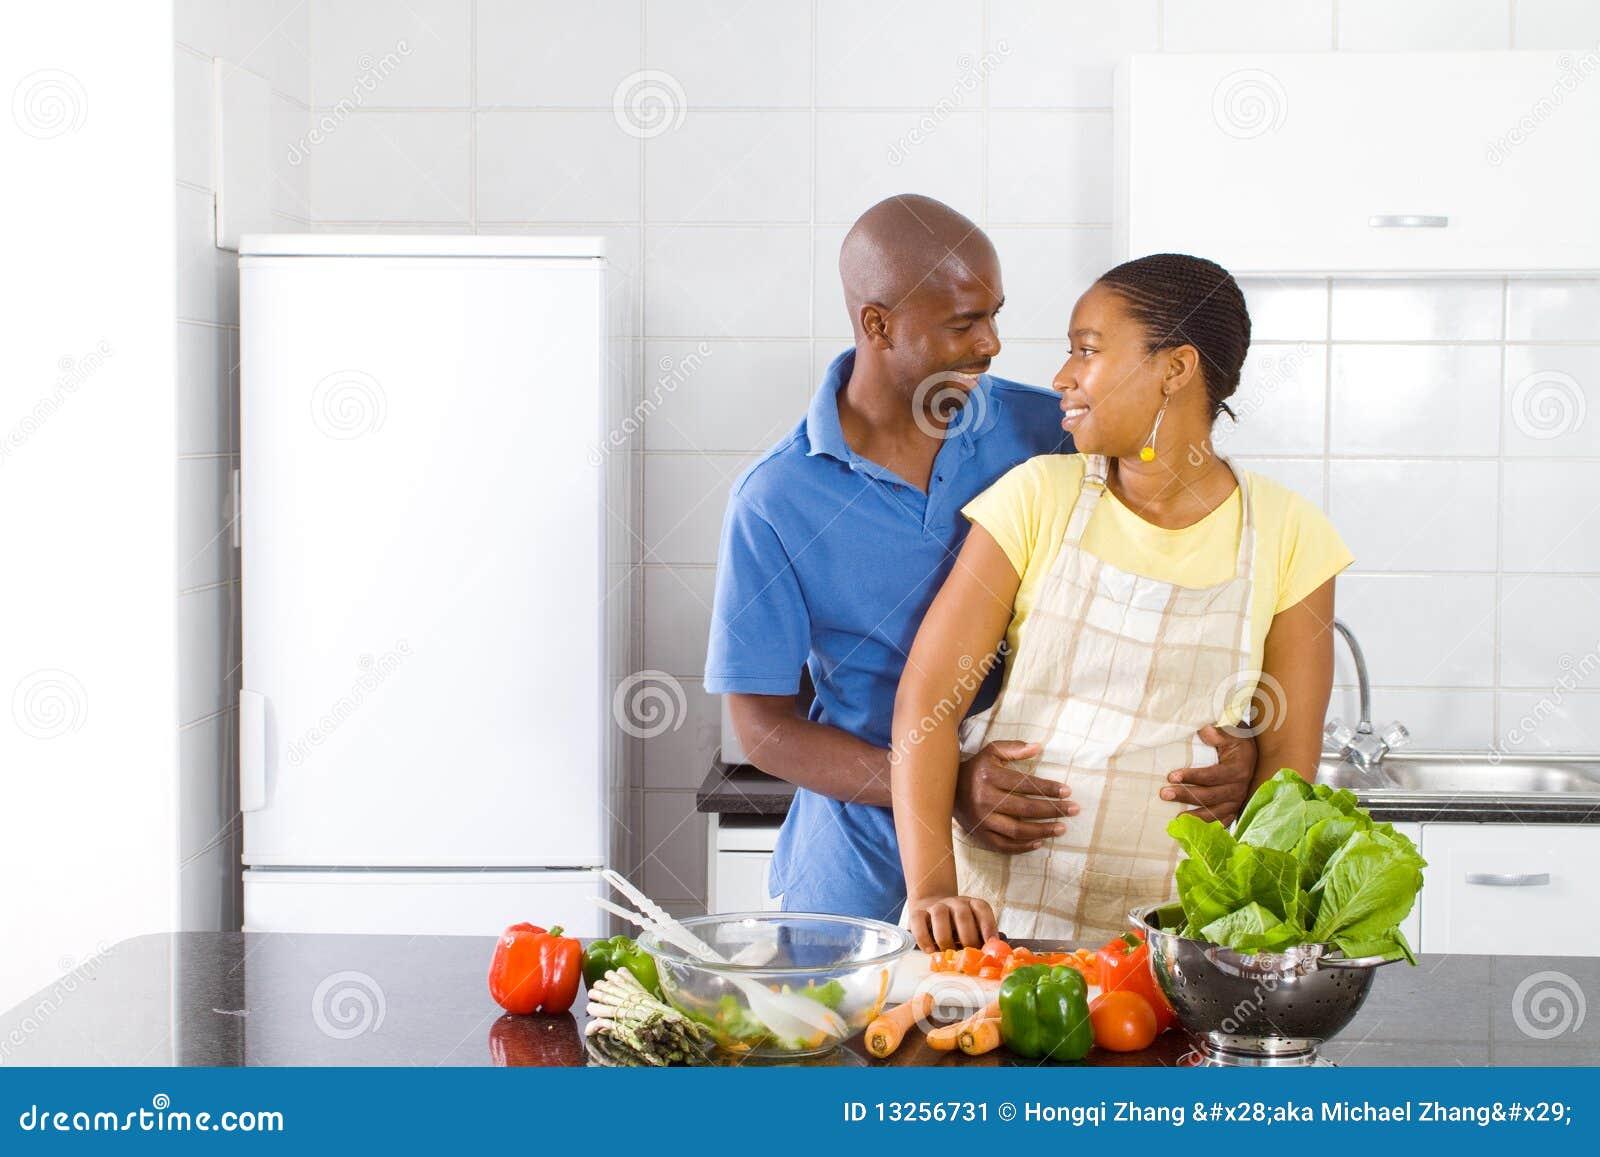 非洲裔美国人的夫妇愉快的拥抱的亲密的亲吻的厨房.图片